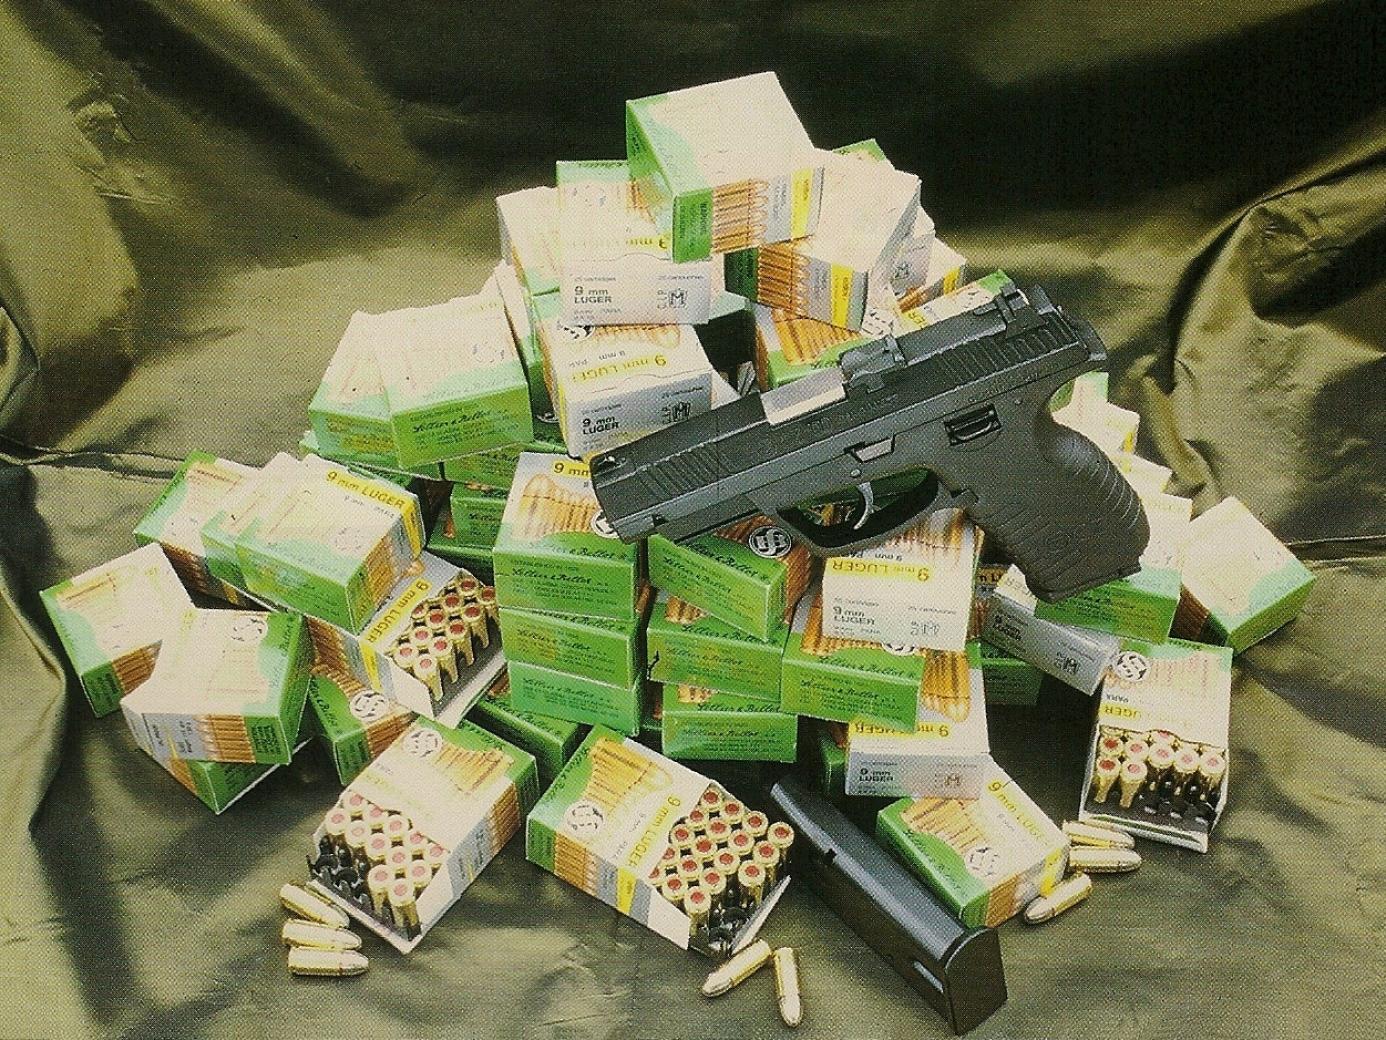 Le pistolet tchèque CZ 100 nous a été remis par l'importateur accompagné de 2000 cartouches Sellier & Bellot destinées à effectuer des essais intensifs.